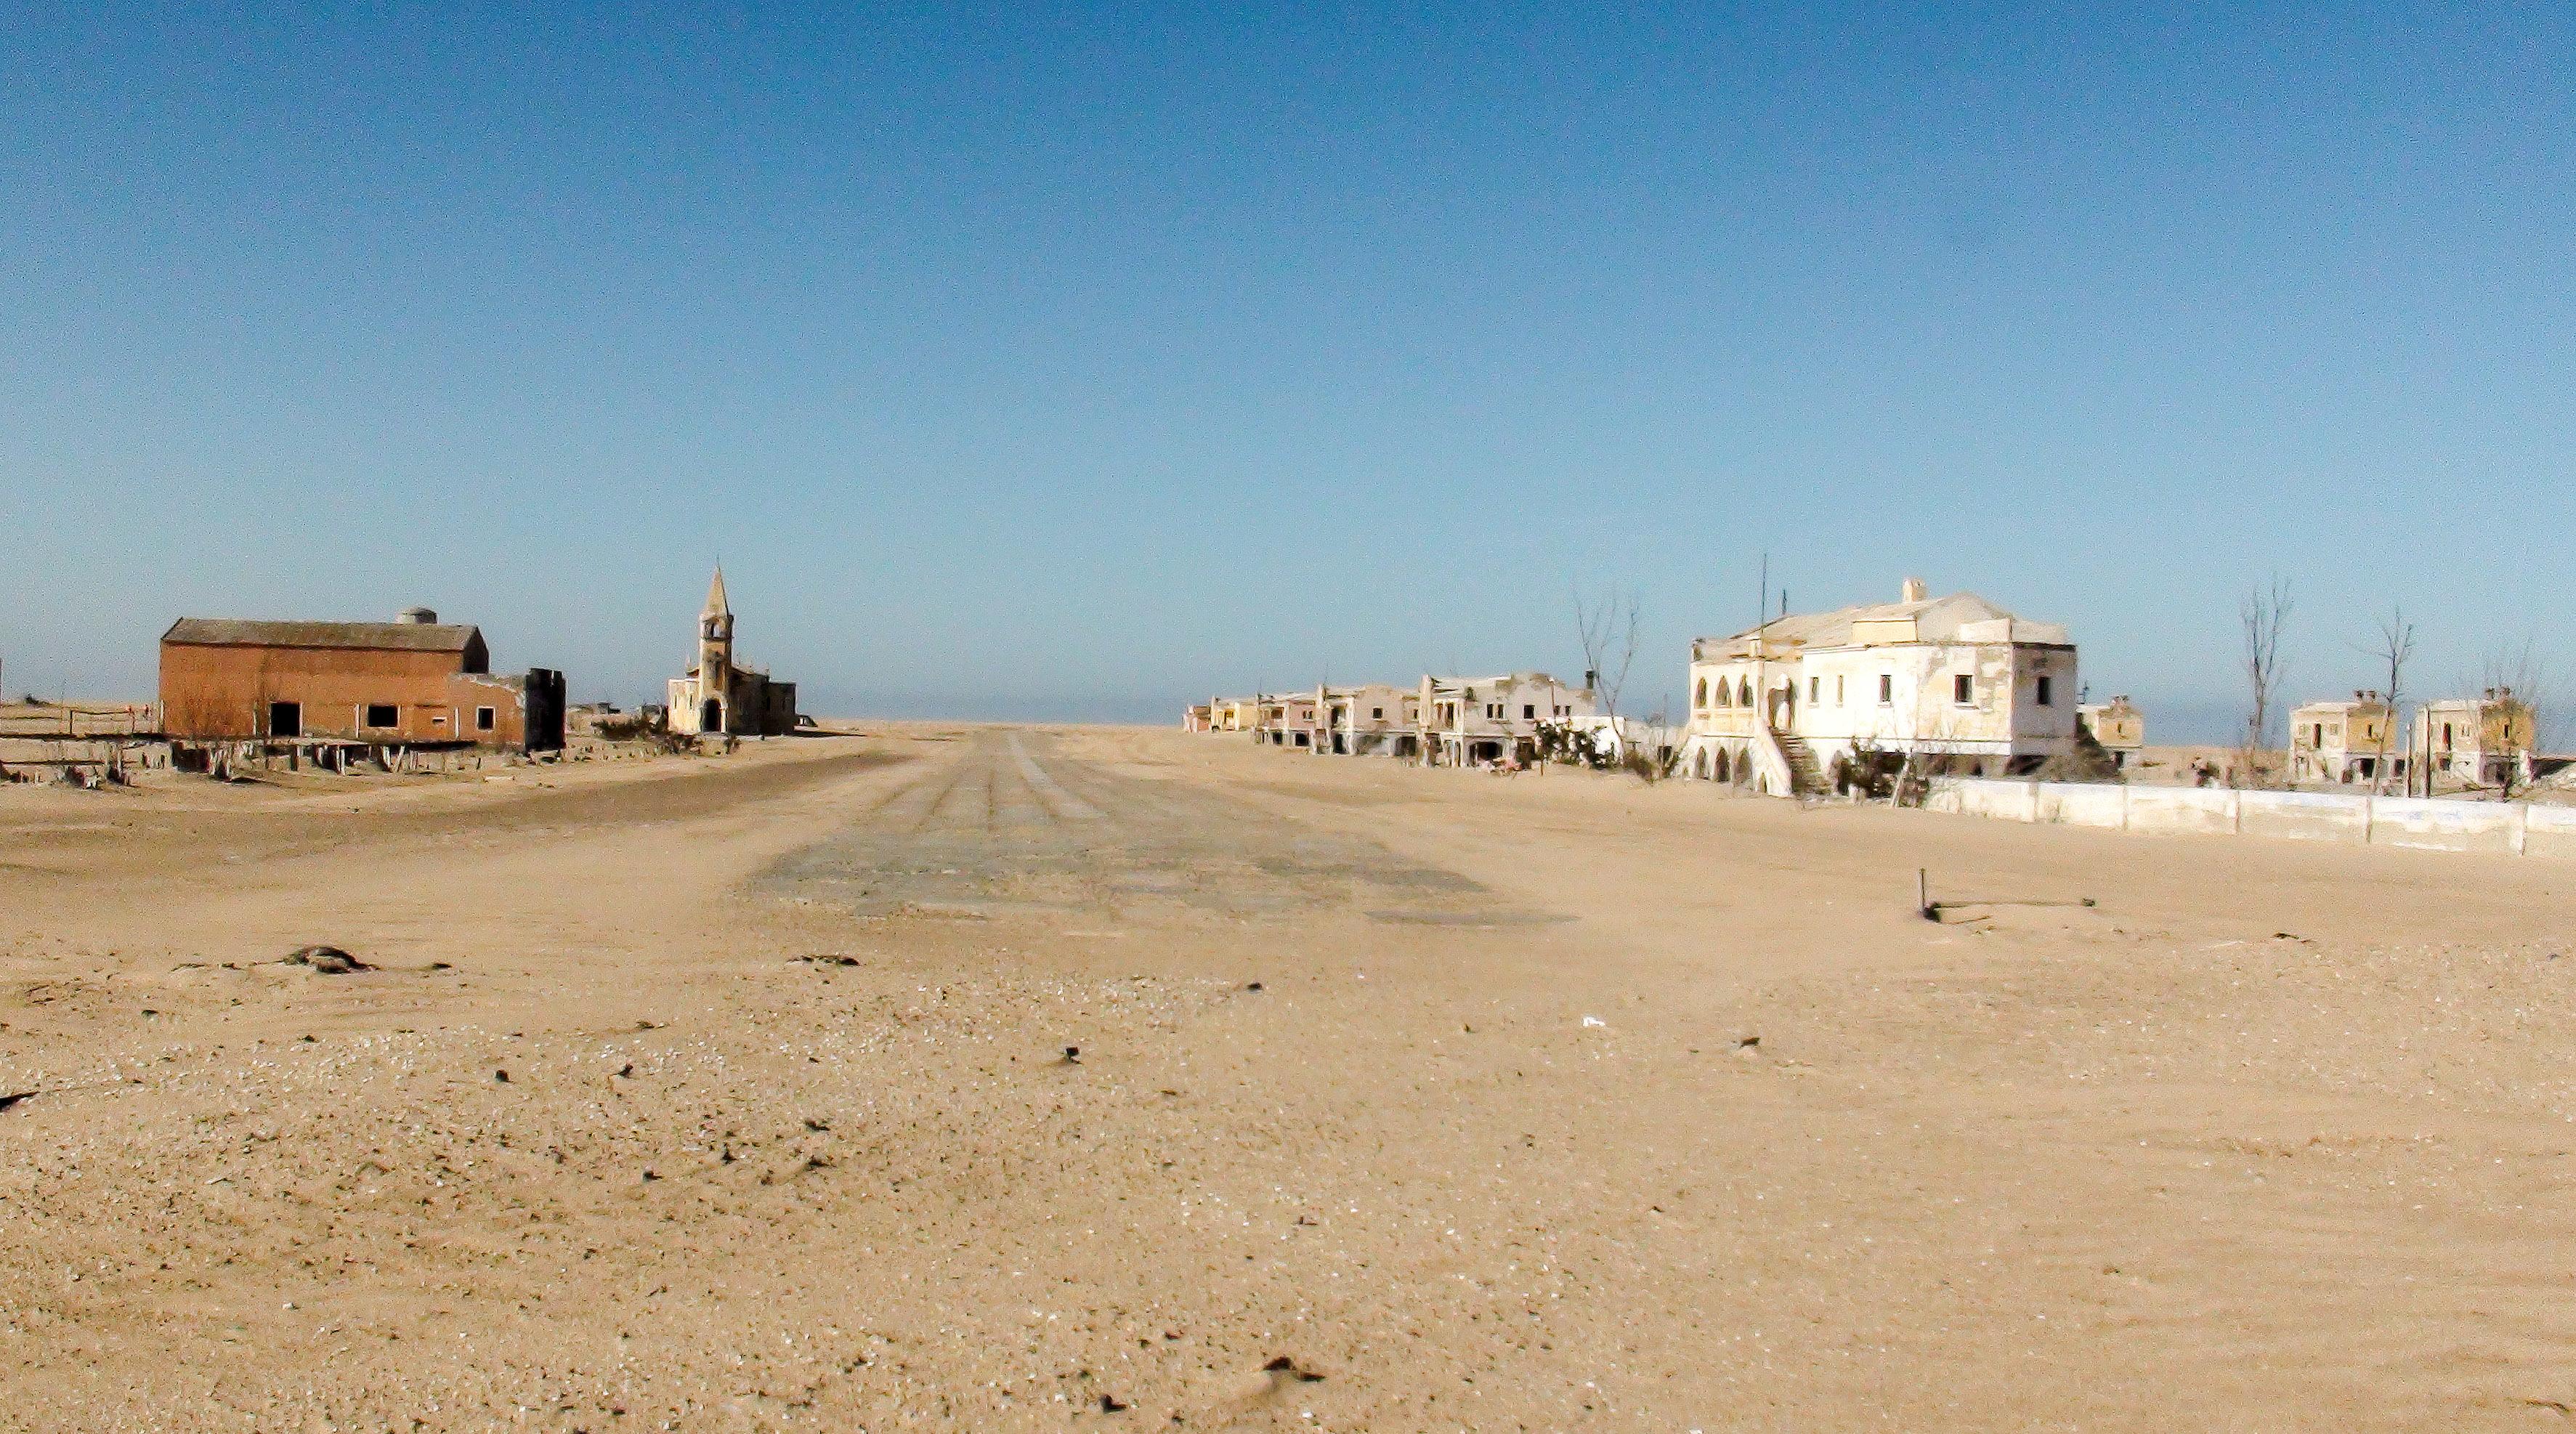 Governo angolano aprova projetos contra seca no Cunene no valor de 689 ME